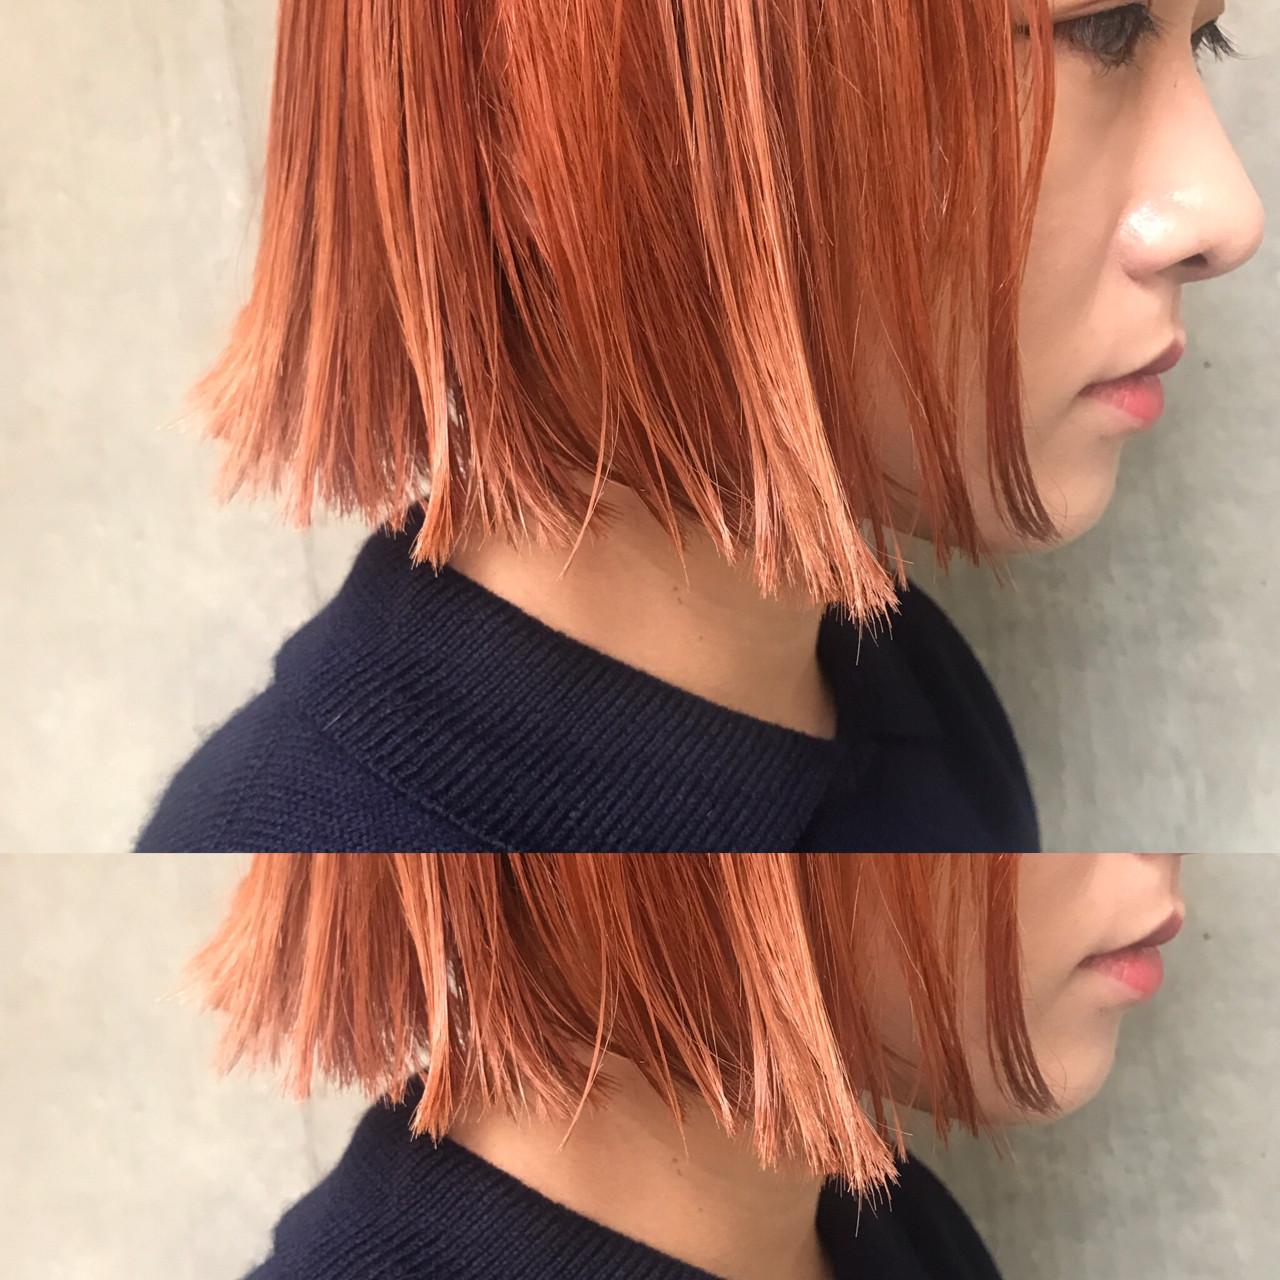 ボブ ハイライト ミルクティー モードヘアスタイルや髪型の写真・画像